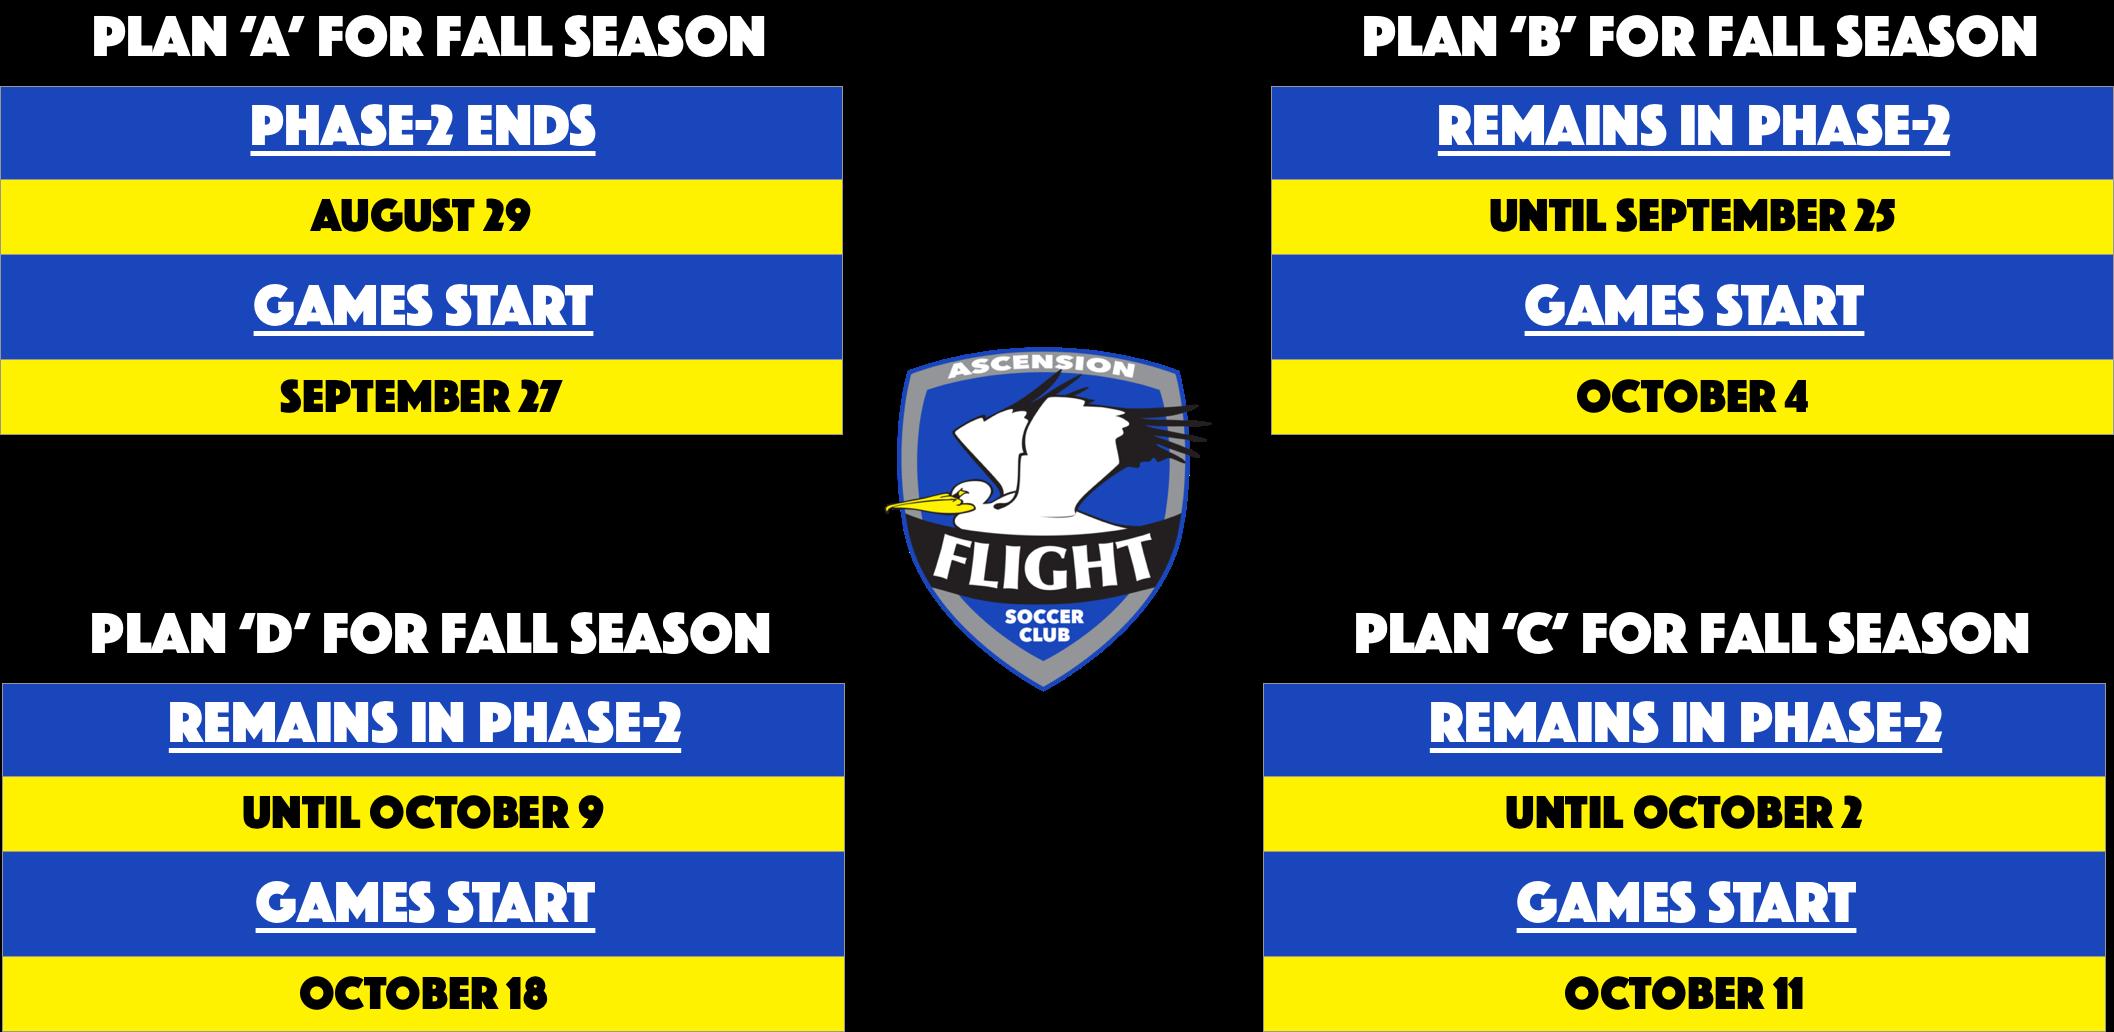 Adult League - Plans A, B, C, D